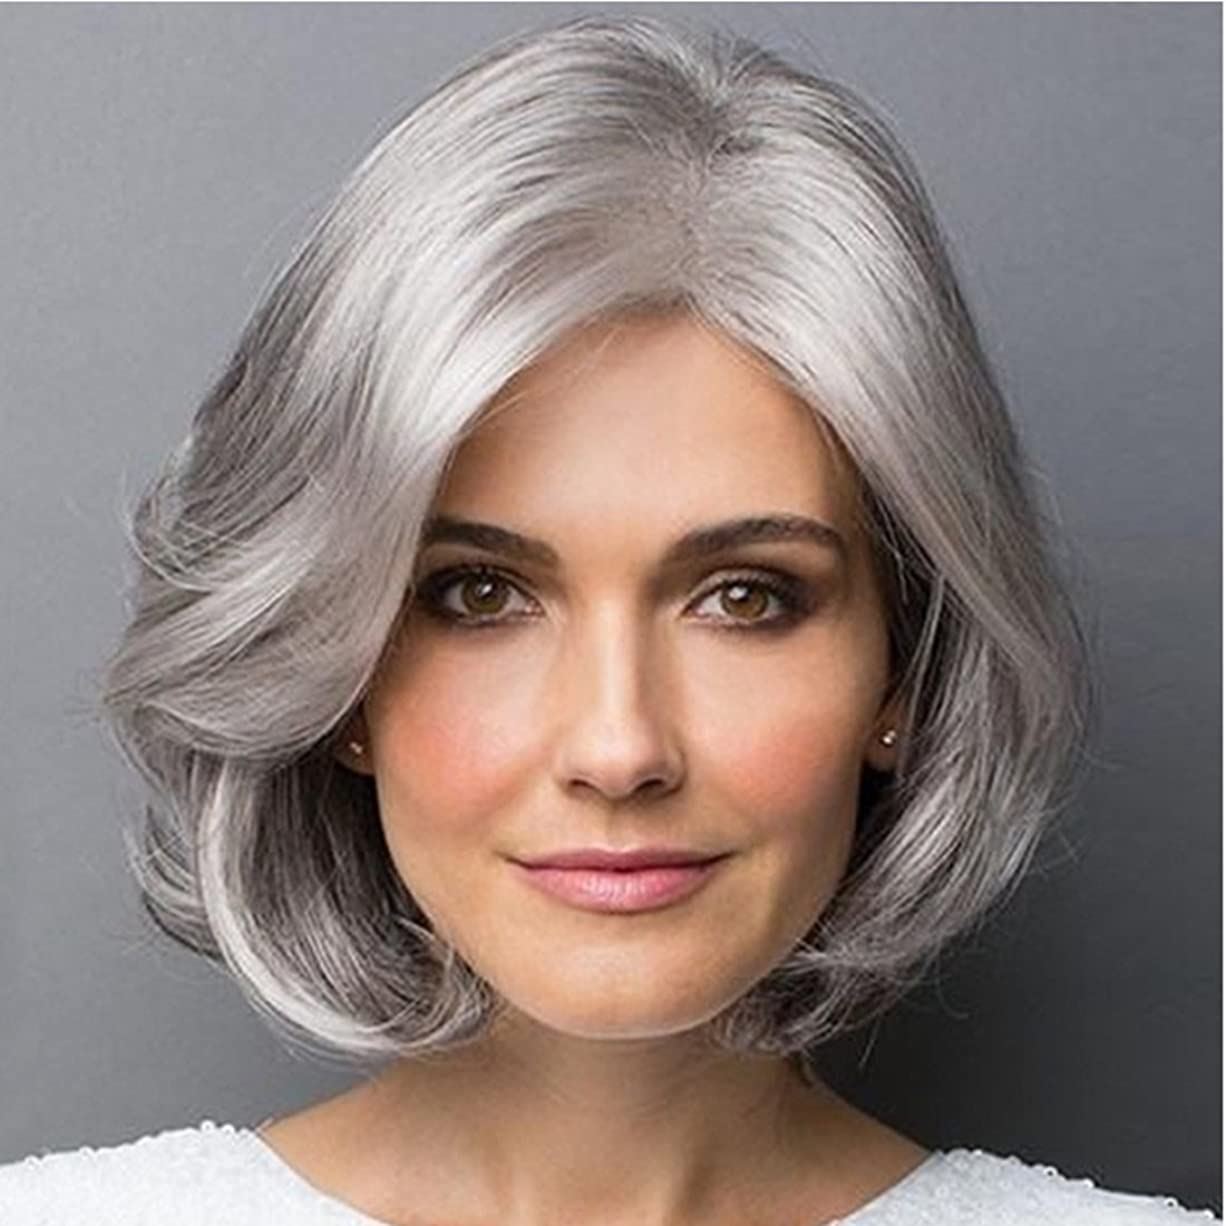 組み立てるプロフェッショナルほうきDoyvanntgo 女性のための合成のカーリーヘアウィッグ斜めのバンズ付きの短いヘアマイクロボリュームウィッグ耐熱繊維20cm / 30cm(シルバーグレー、グラデーションシルバーグレー) (Color : Silver gray)